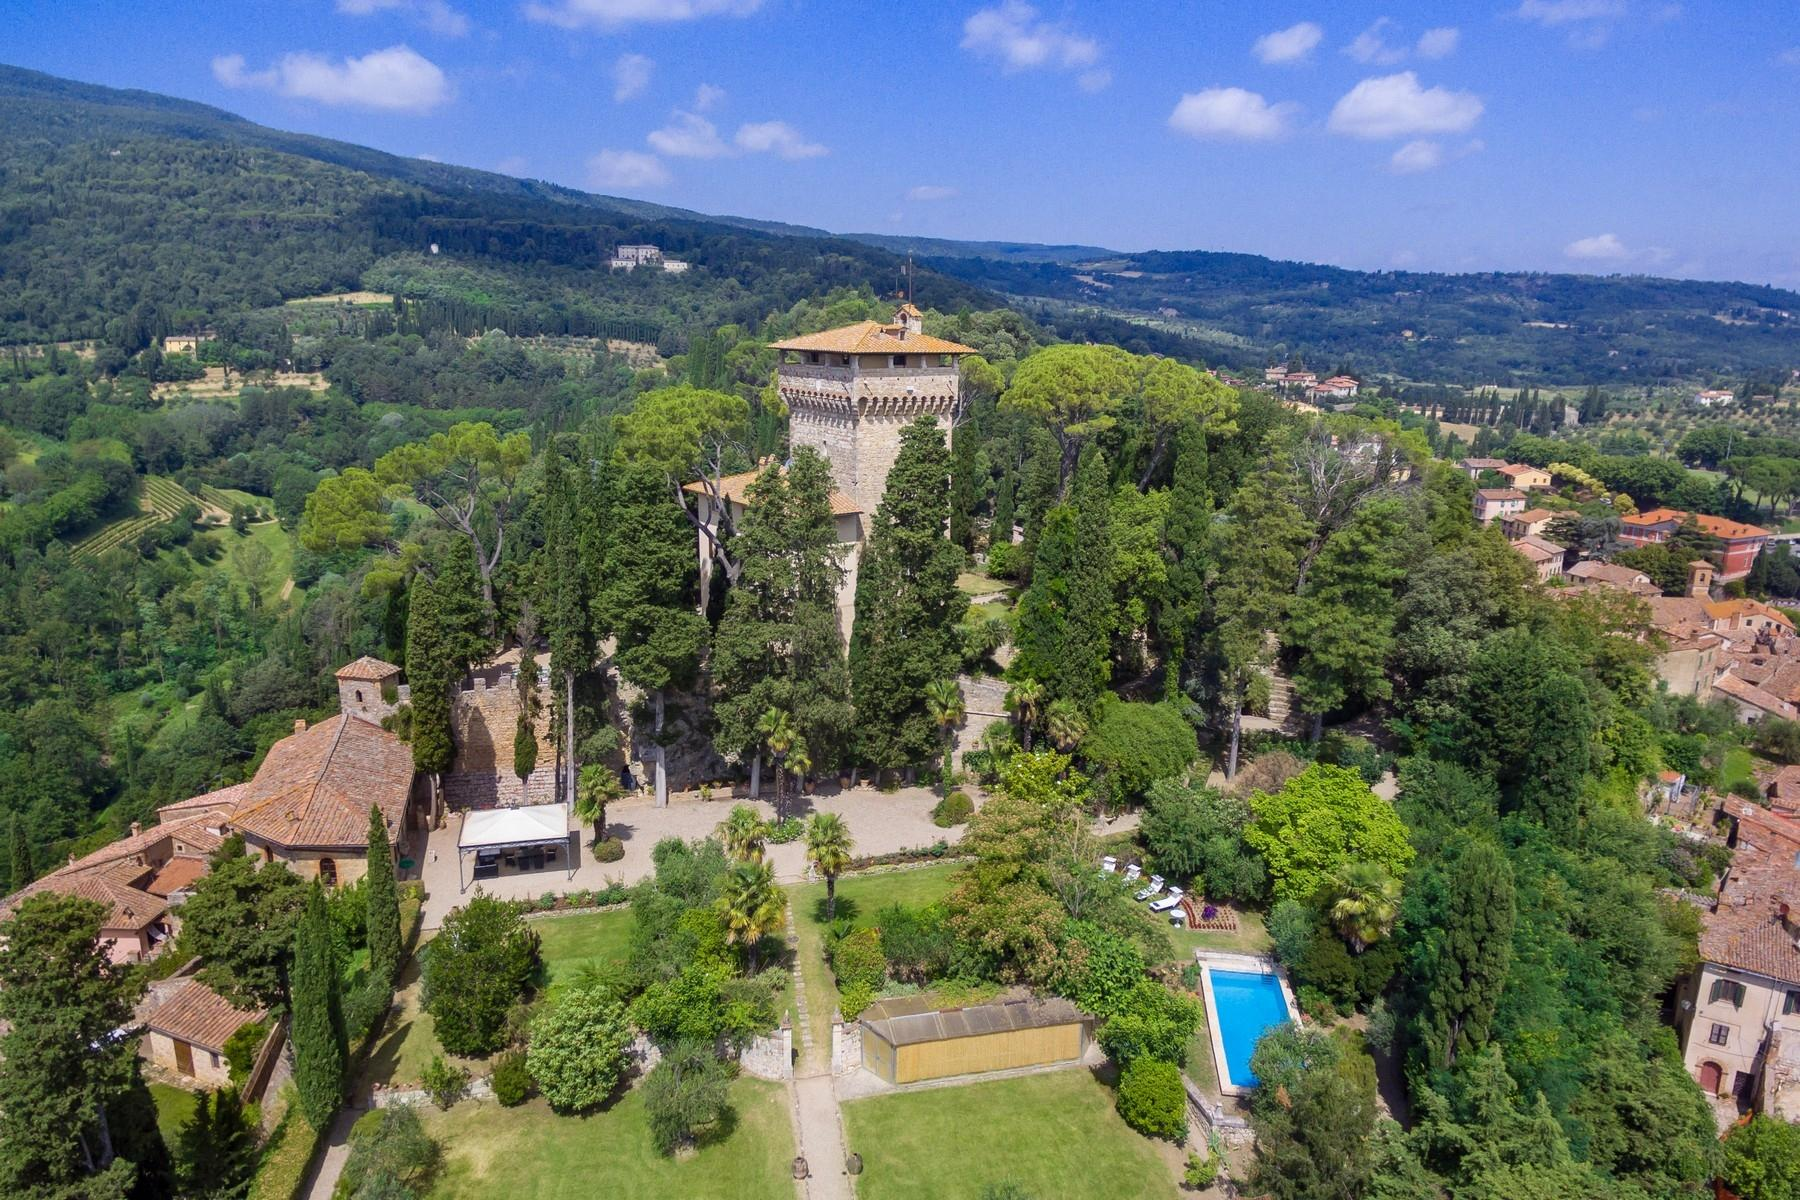 Rocca di Cetona, un'incantevole villa con viste mozzafiato dei paesaggi - 1